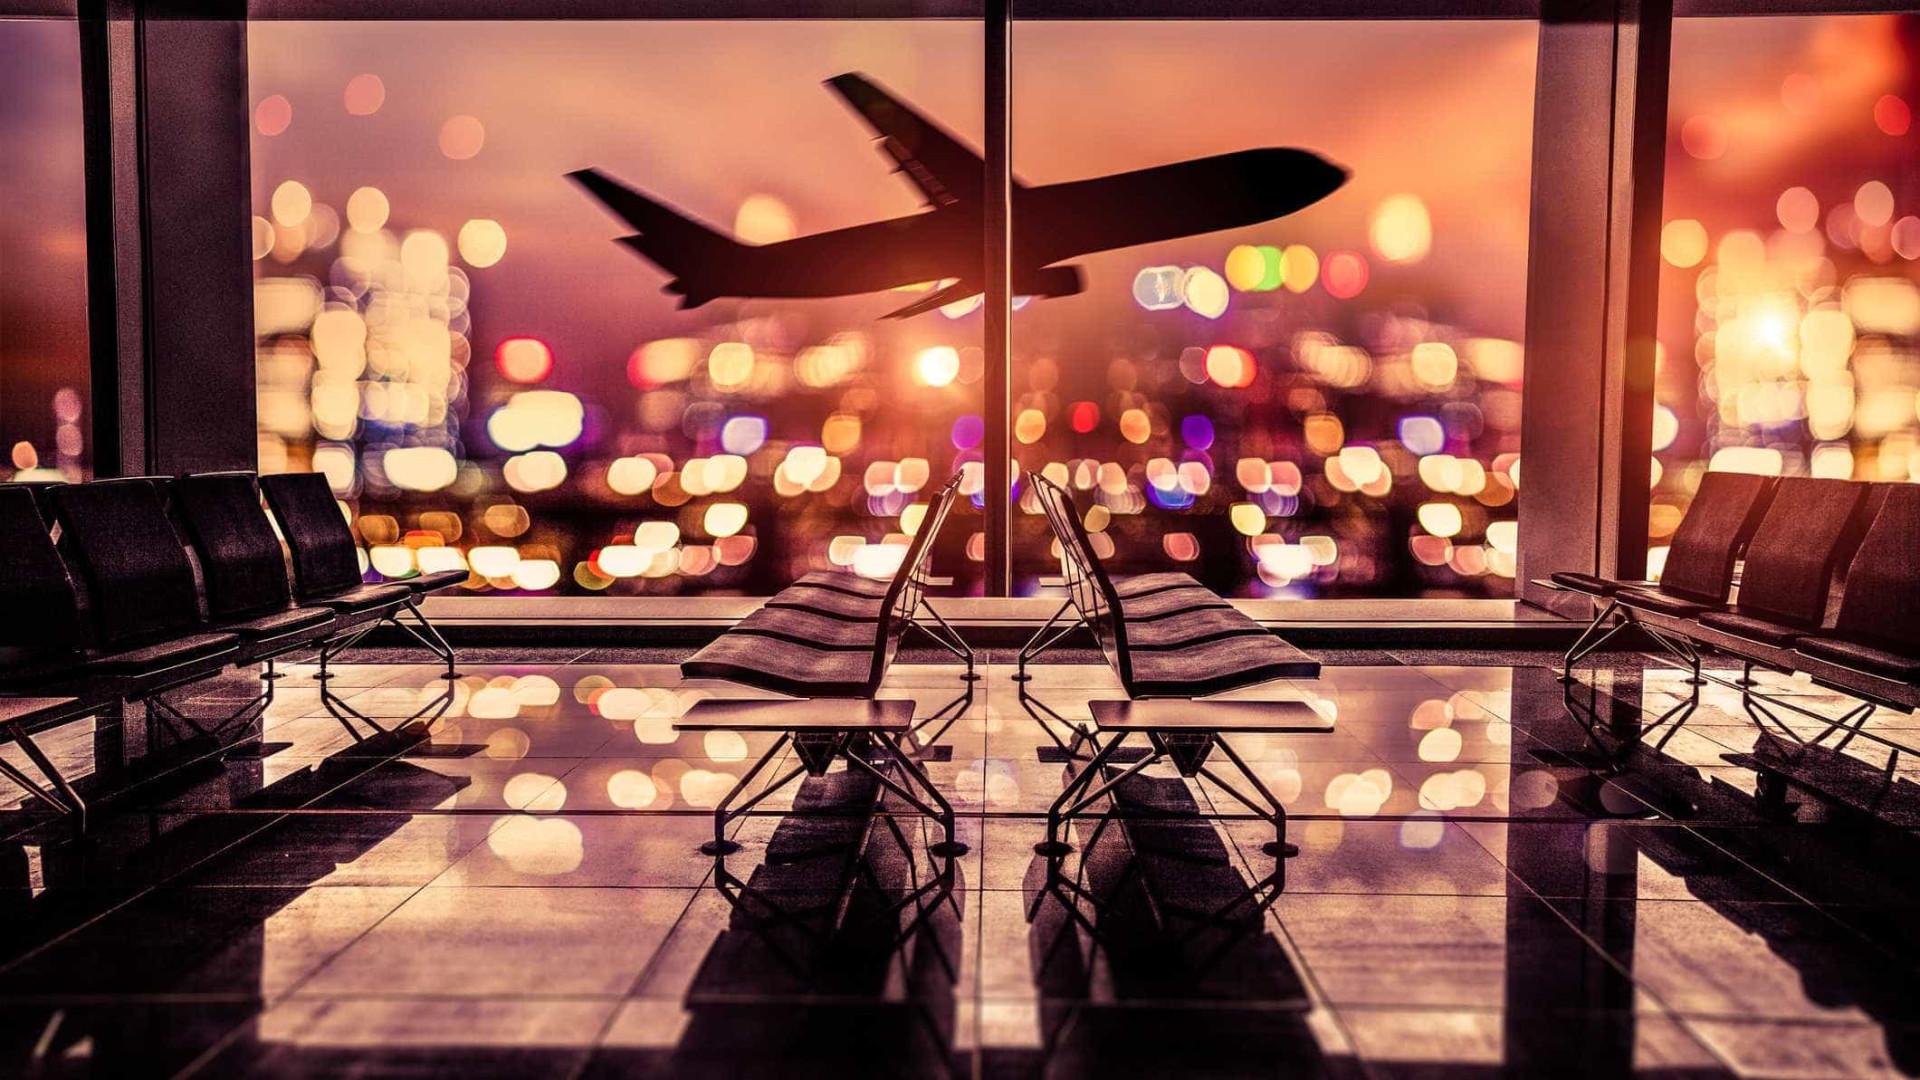 Passageiros aéreos sobem 9,7% na UE. Portugal com 6.º maior aumento